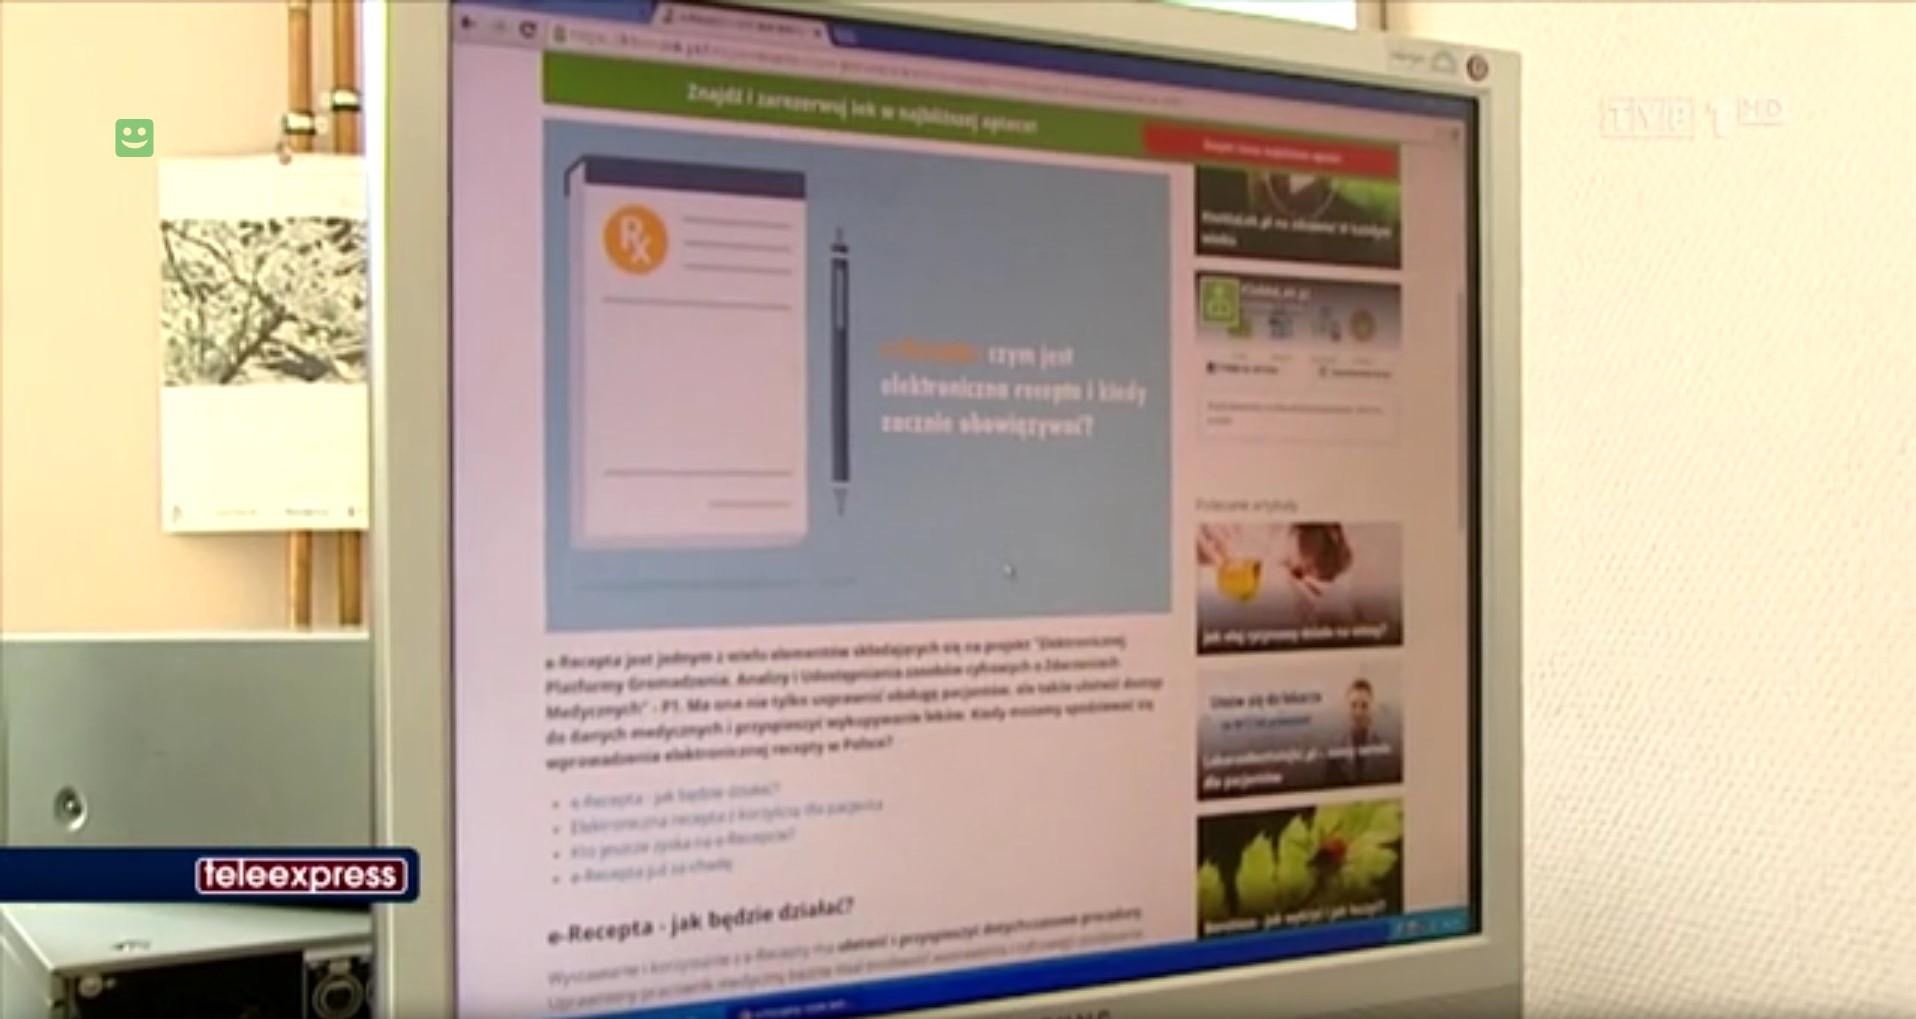 e-recepta w teleexpressie